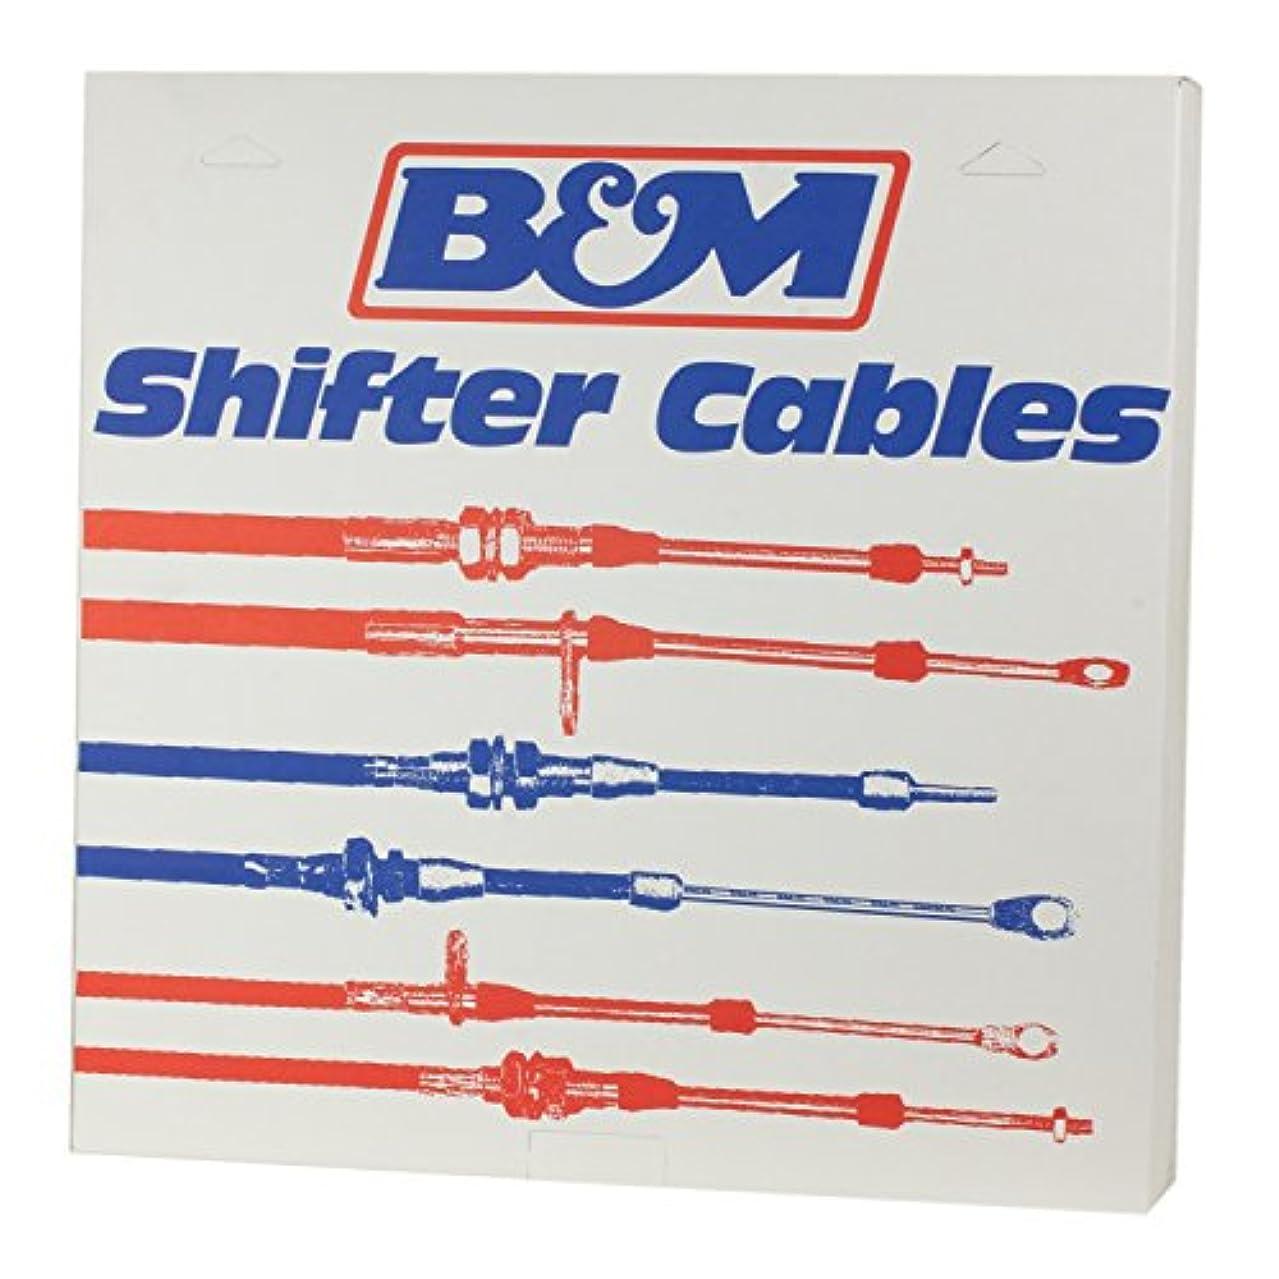 コード好む興奮するB&M 80506の性能のベルト寄せケーブル